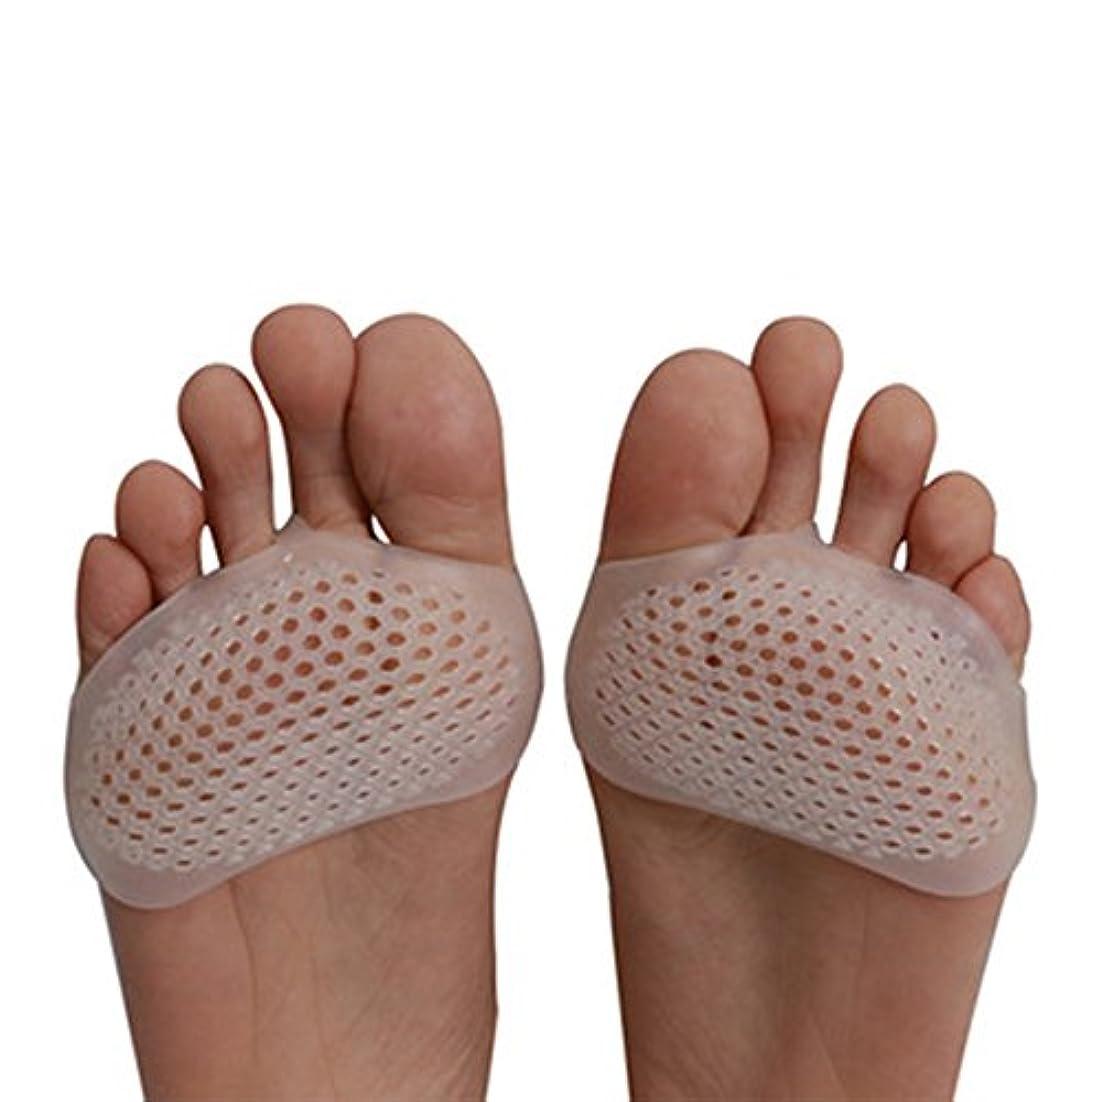 接地コマース隠すLittleliving 足裏保護パッド 衝撃吸収 種子骨保護サポーター モートン病に?足裏のマメ?魚の目?タコの痛みにジェルが効く 外反母趾サポーター 男女適用 左右1セット